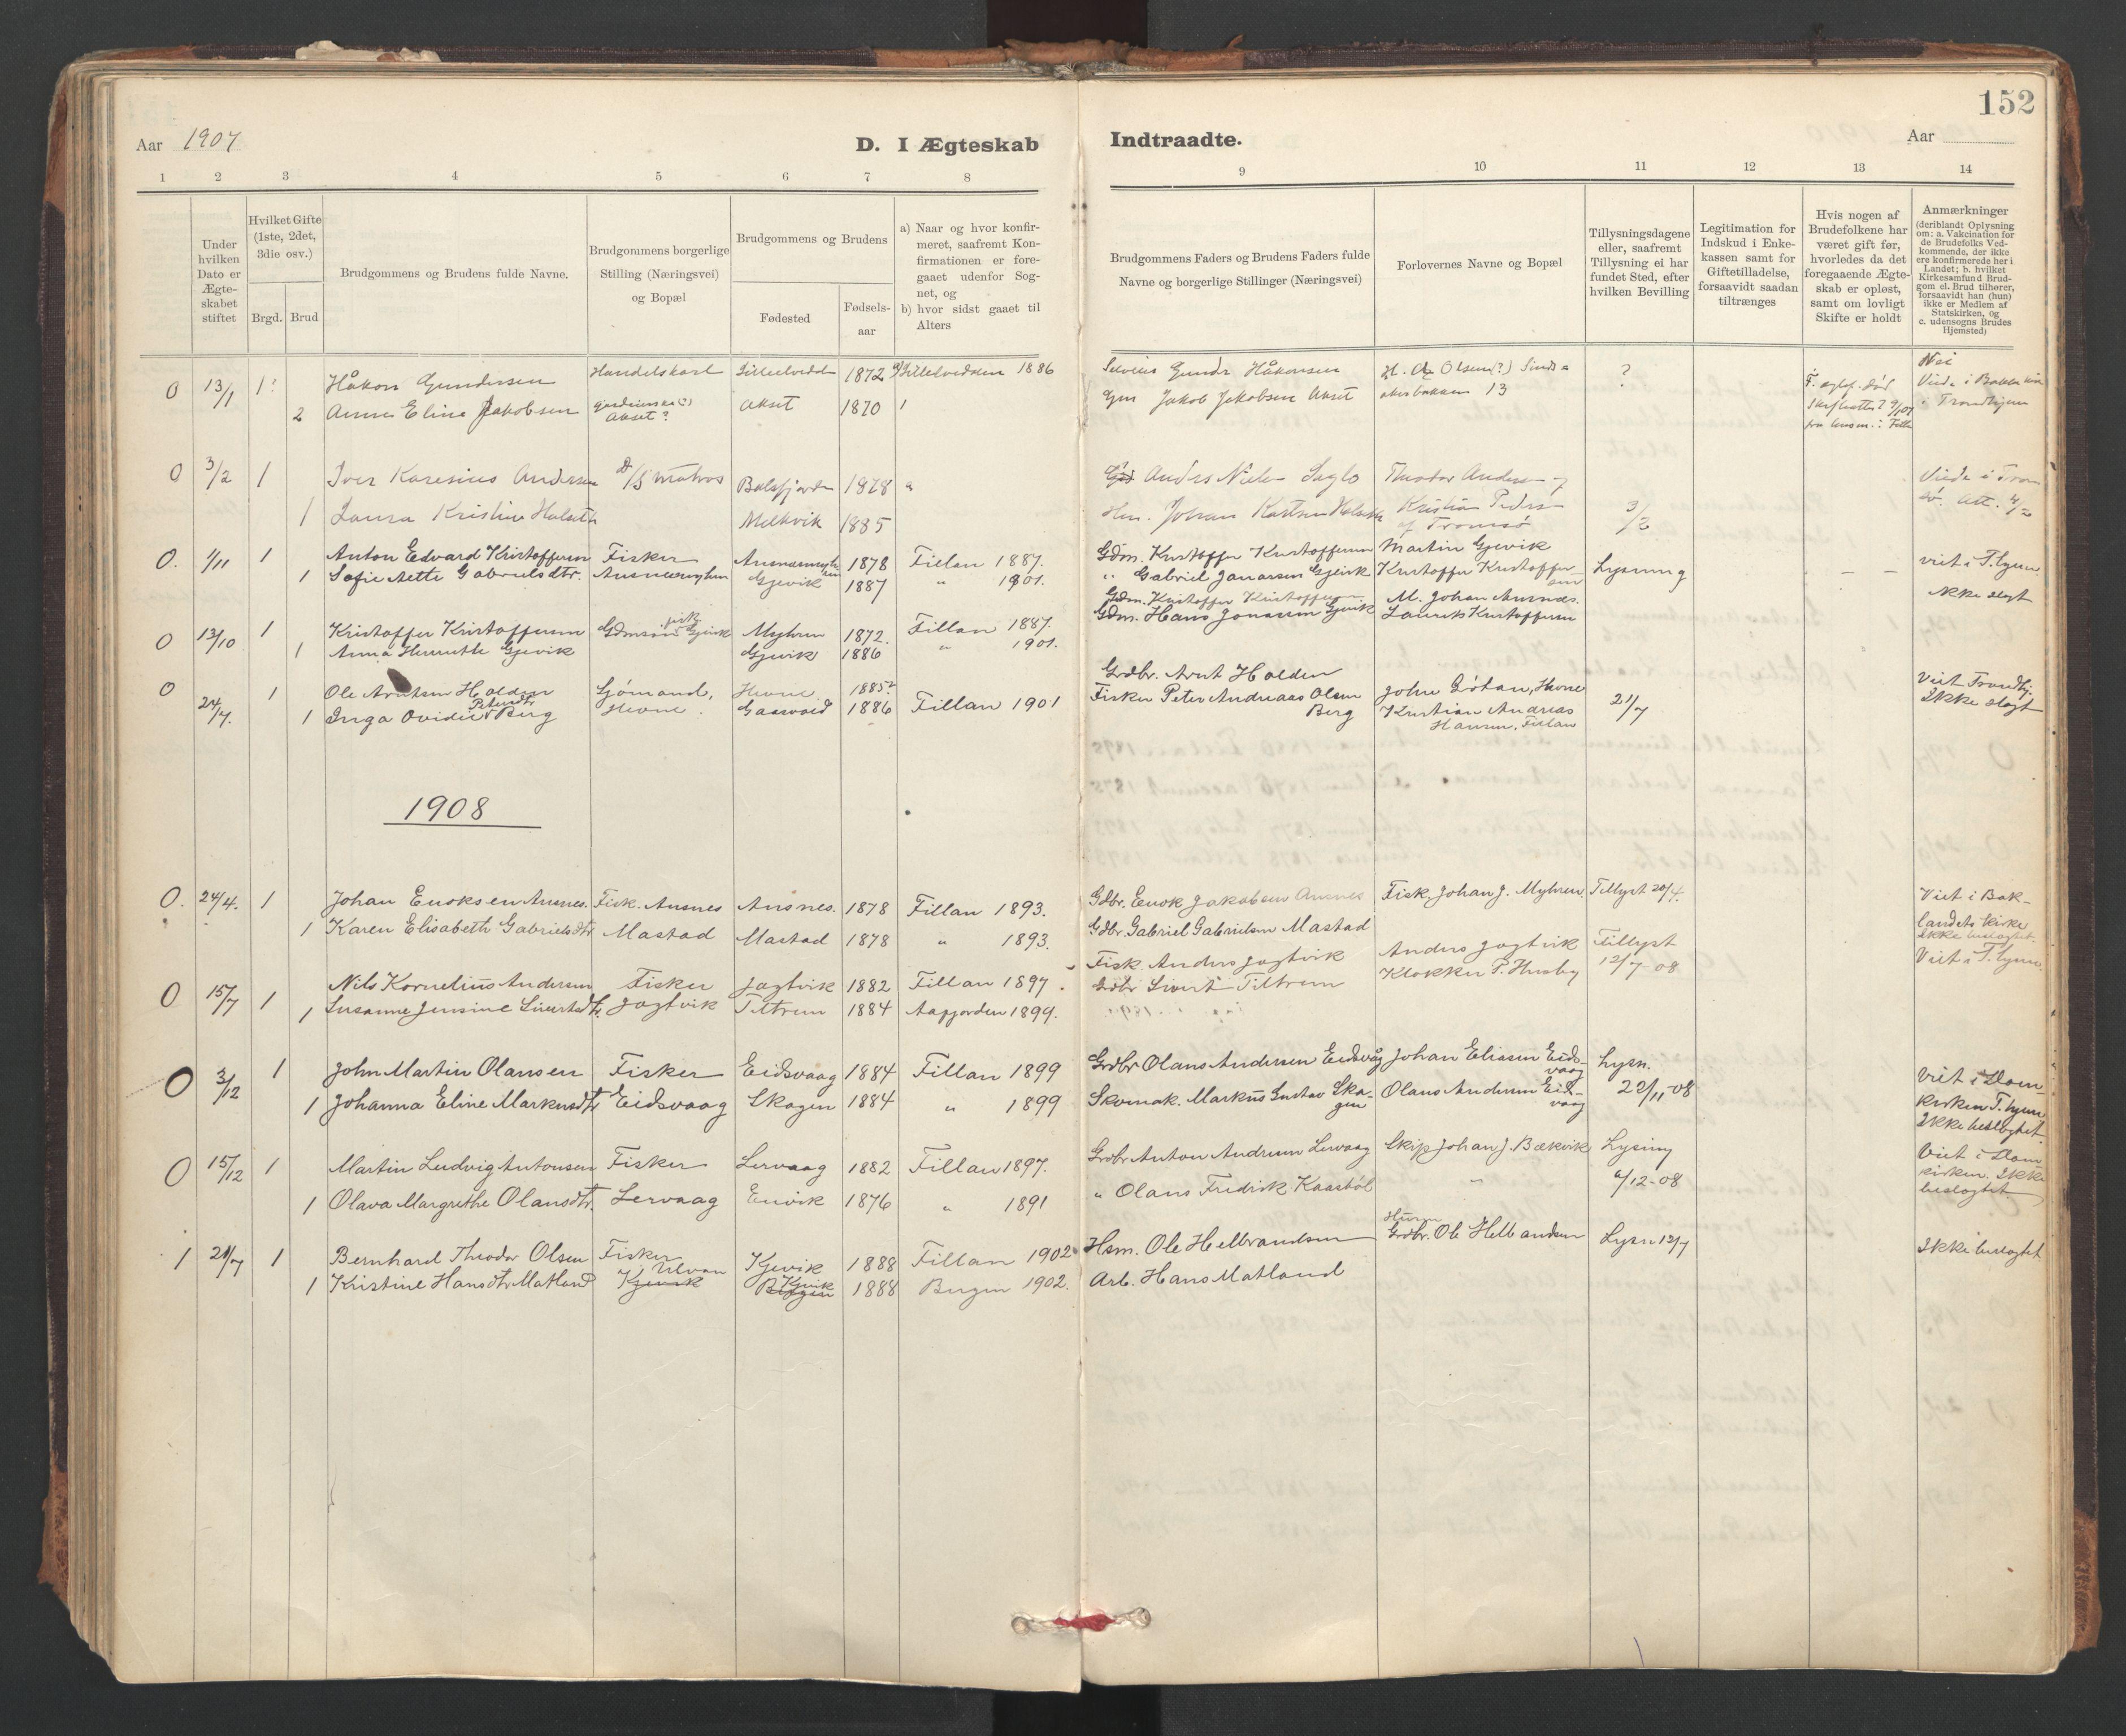 SAT, Ministerialprotokoller, klokkerbøker og fødselsregistre - Sør-Trøndelag, 637/L0559: Ministerialbok nr. 637A02, 1899-1923, s. 152